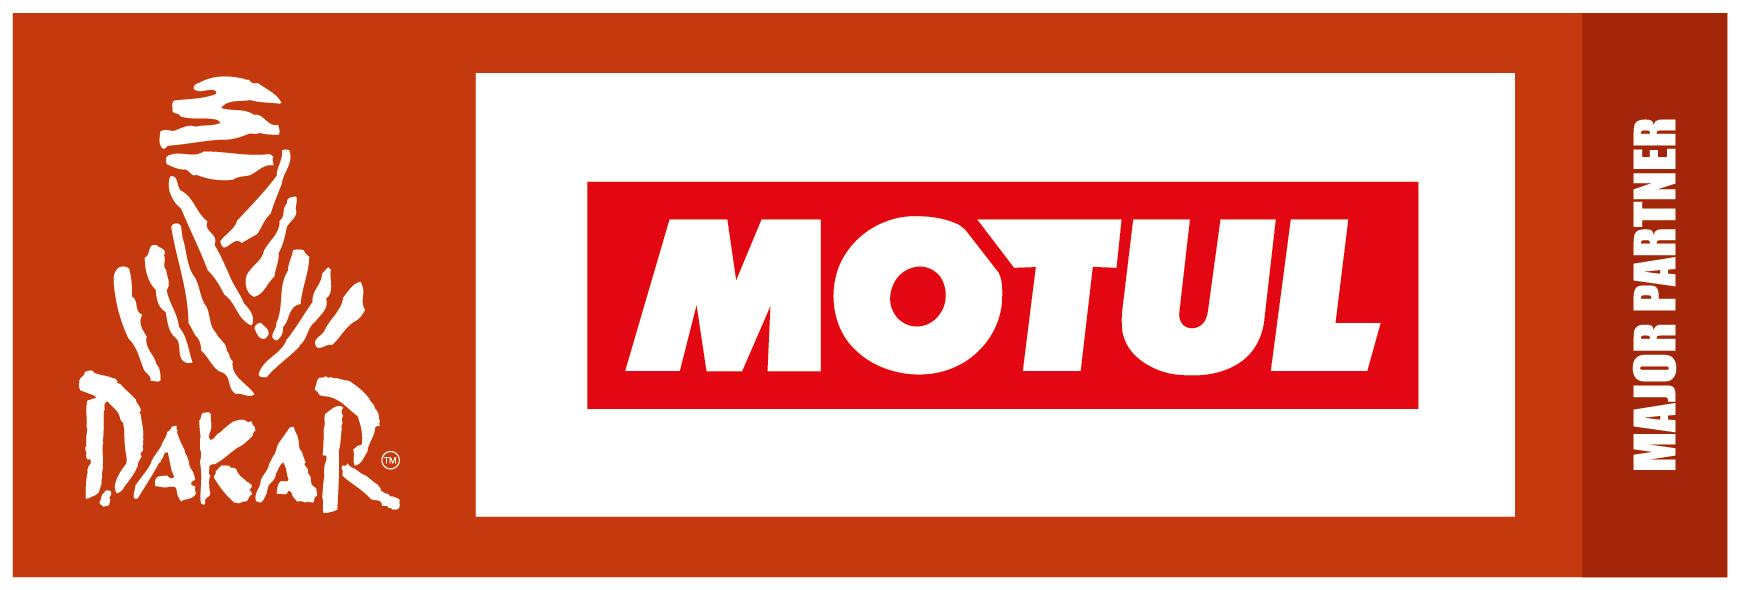 Motul sera une nouvelle fois présent sur le légendaire Dakar Rally en 2018